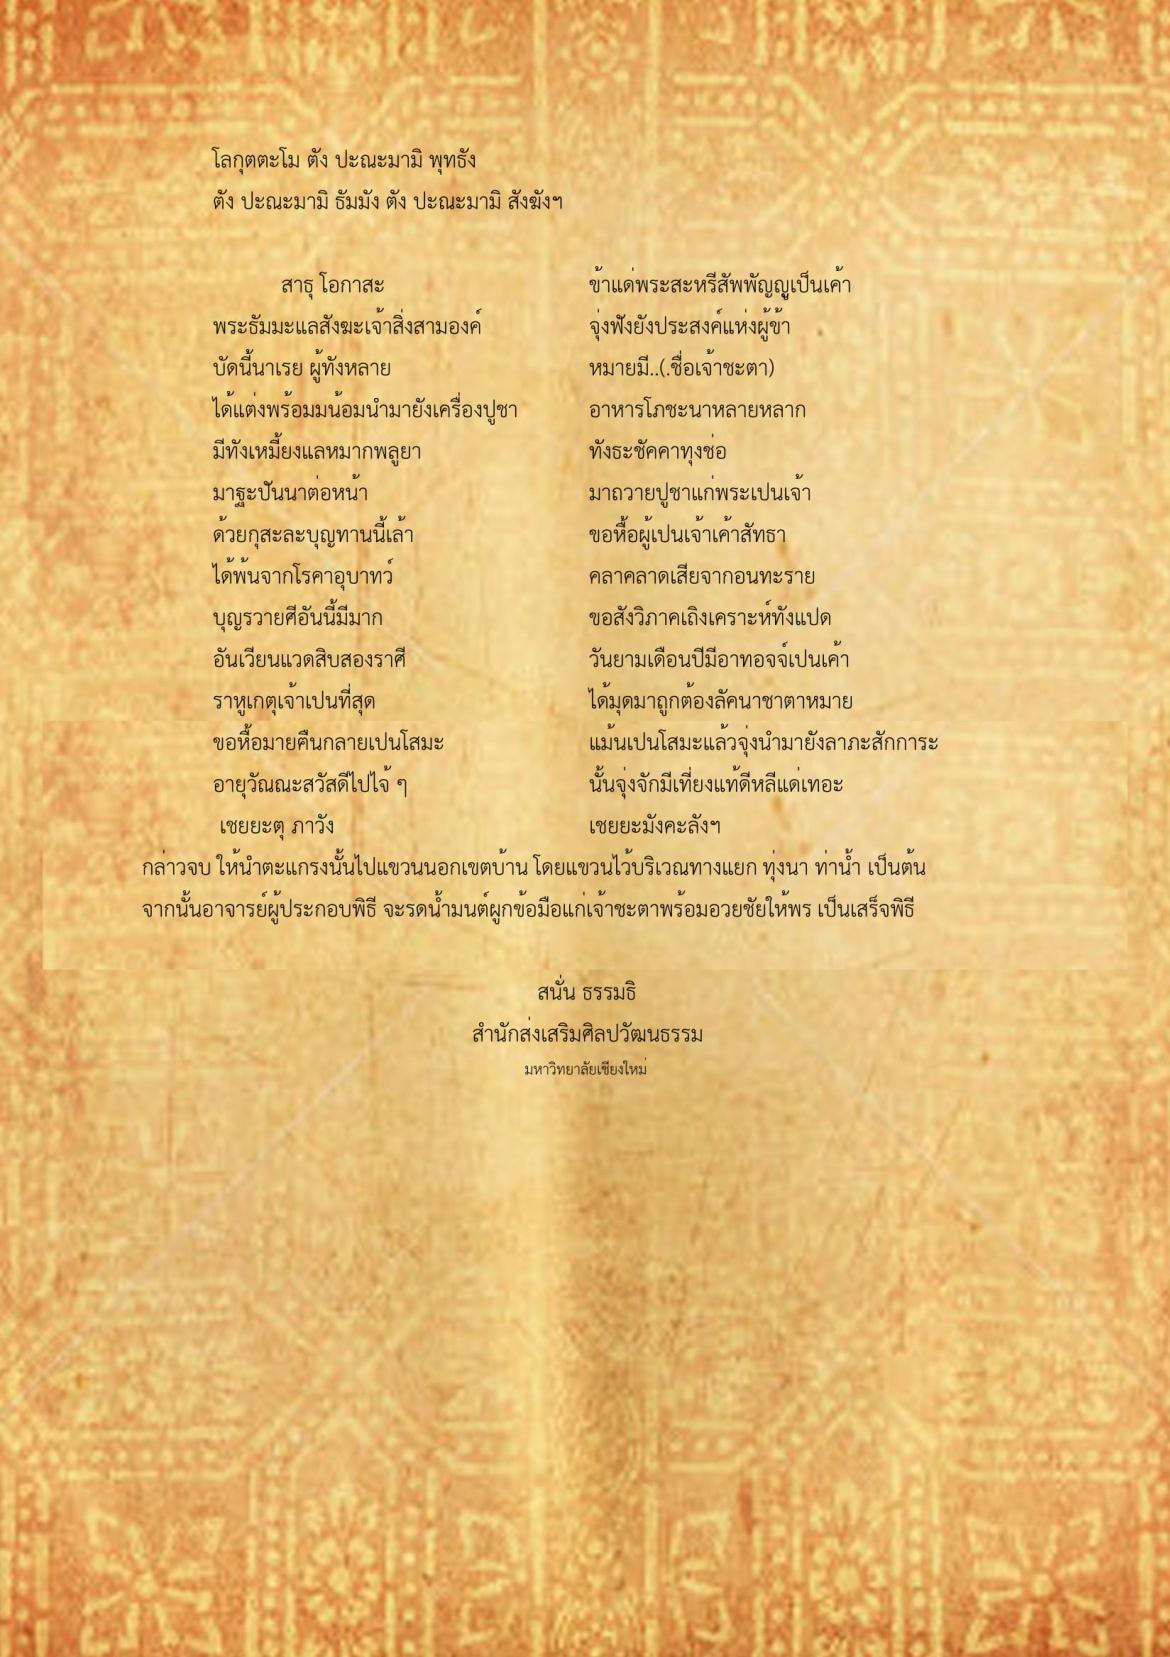 ปูชาข้าวยกเคราะห์ - 5 มีนาคม 2561